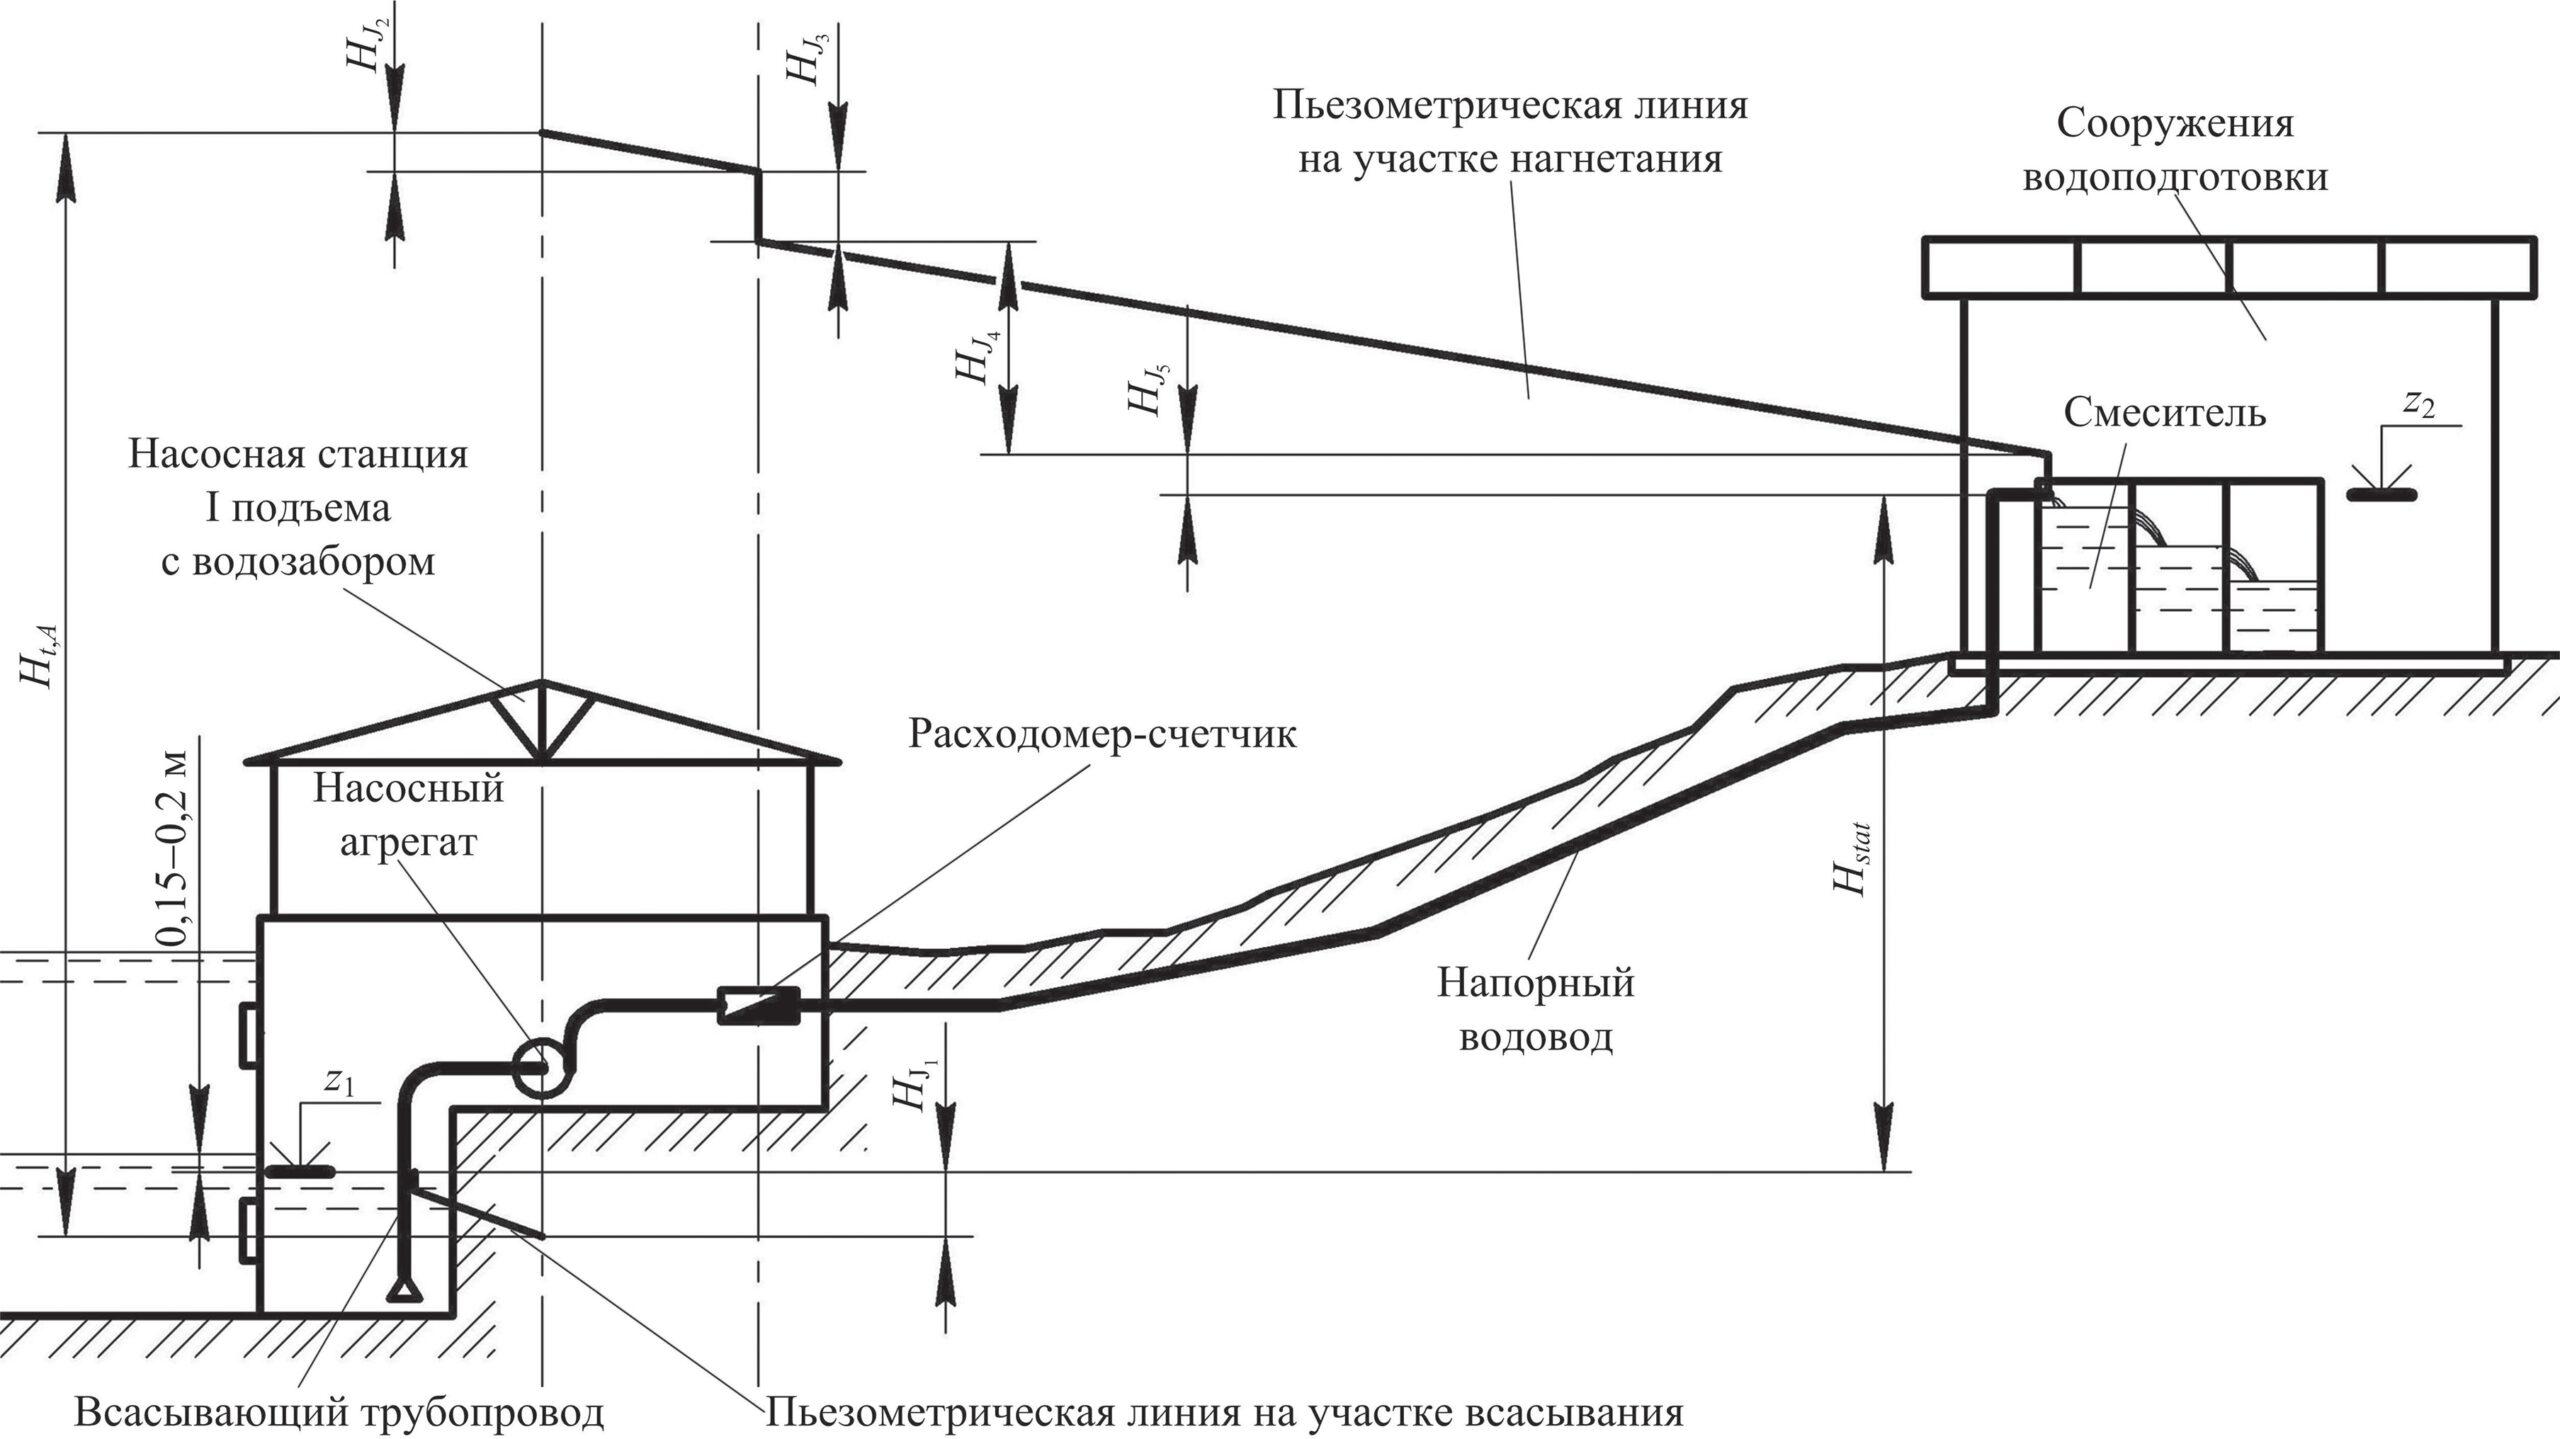 Высотная схема для определения полного напора насосной станции I подъема